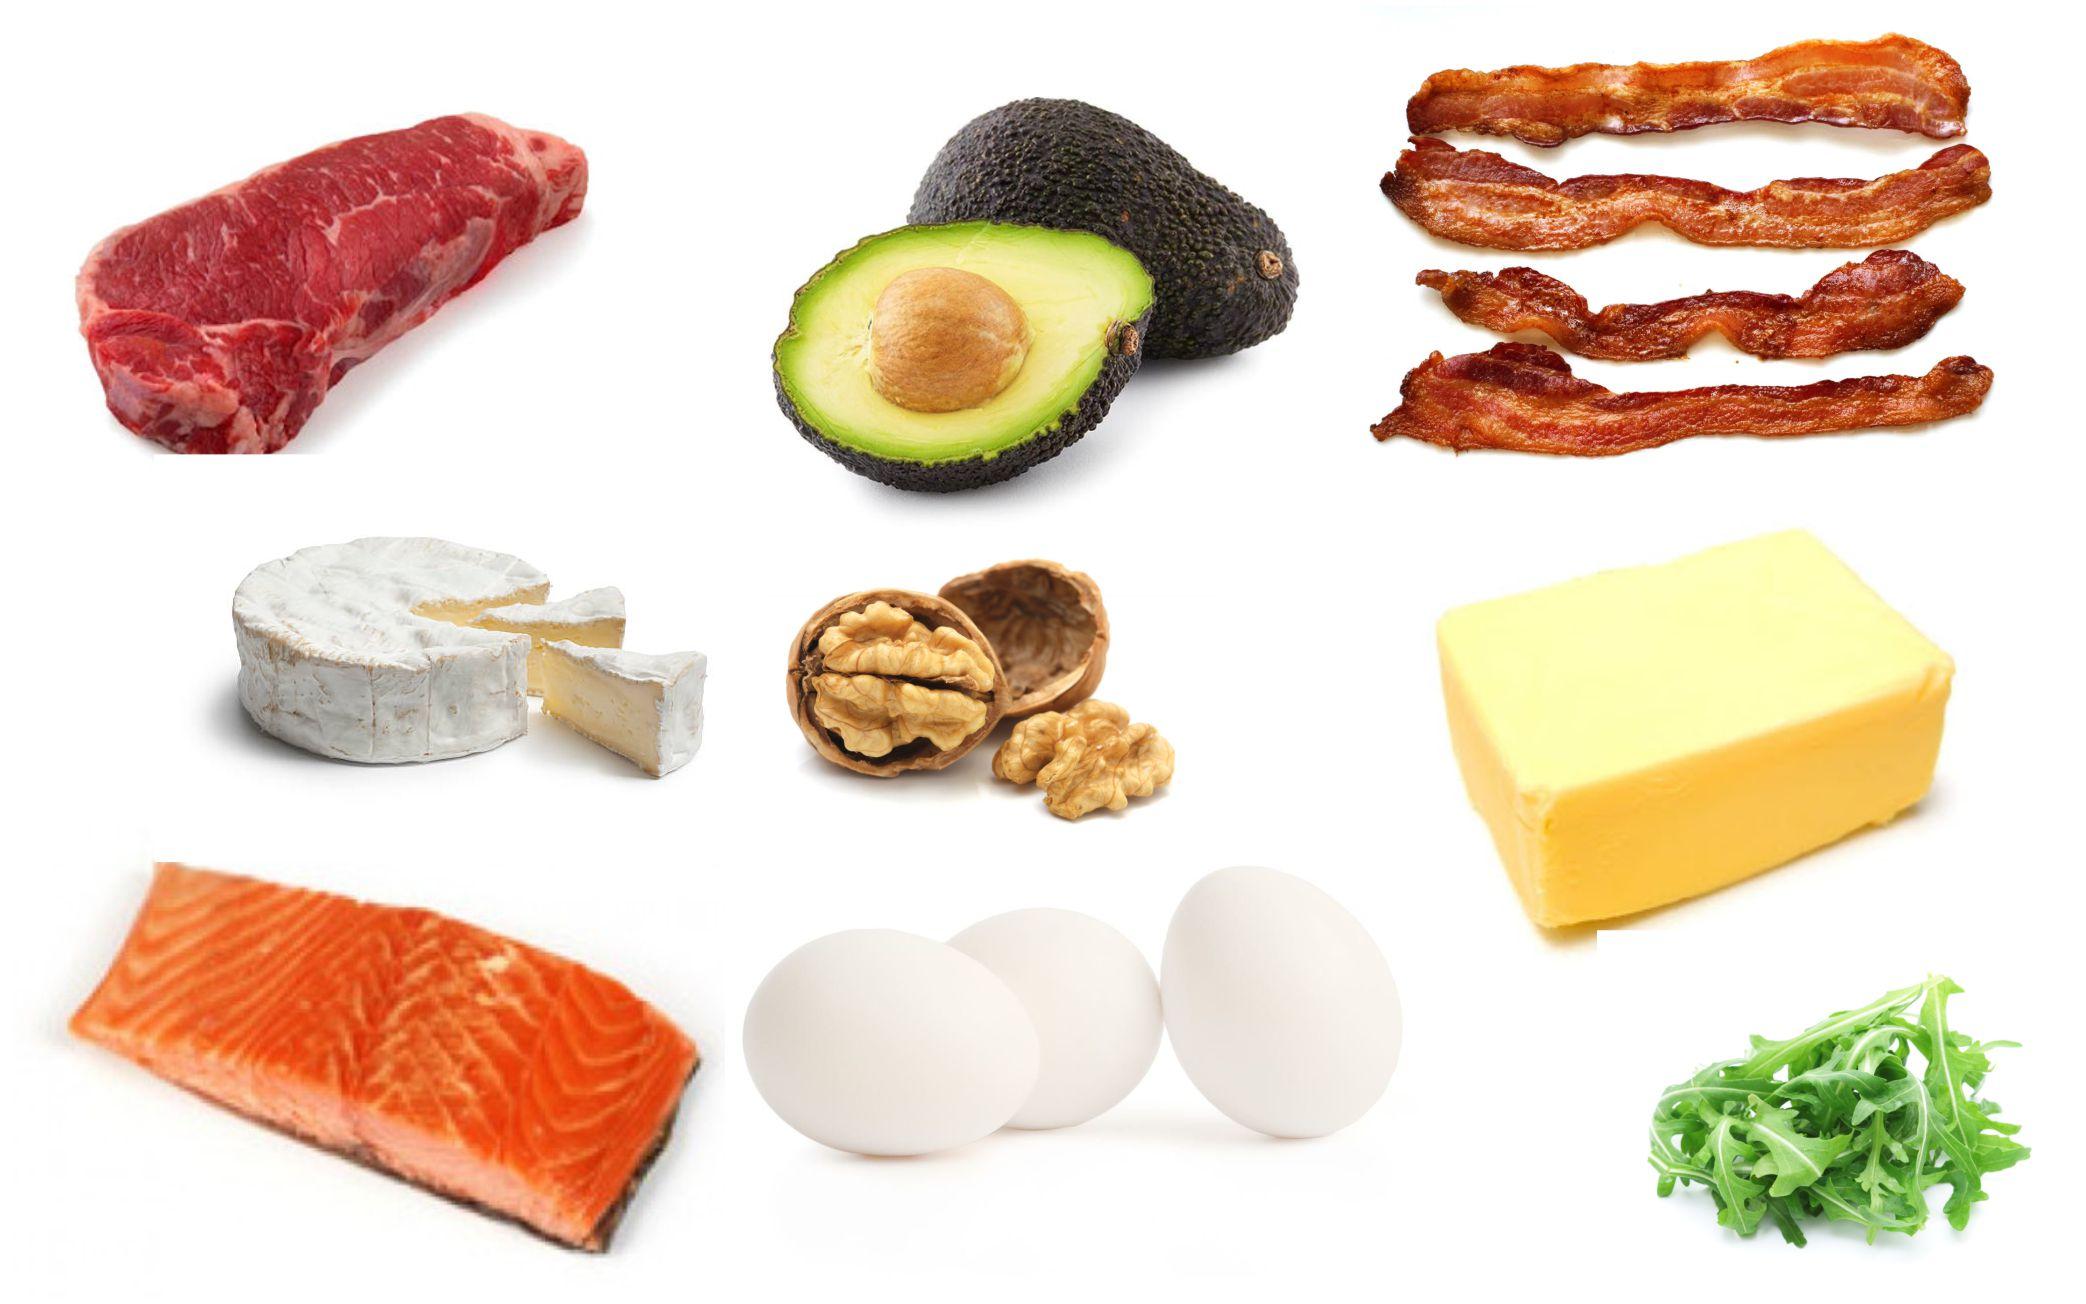 keto diéta könnyű fogynia